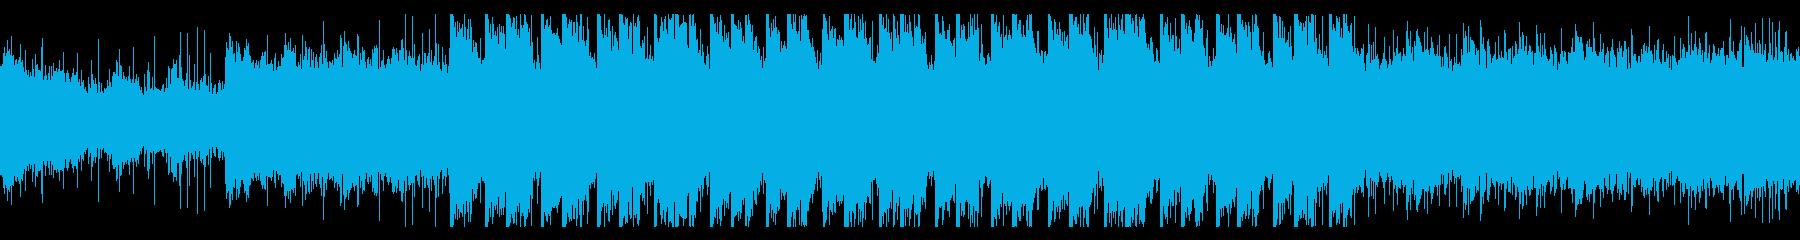 ダーク×ミニマル×エレクトロニカの再生済みの波形